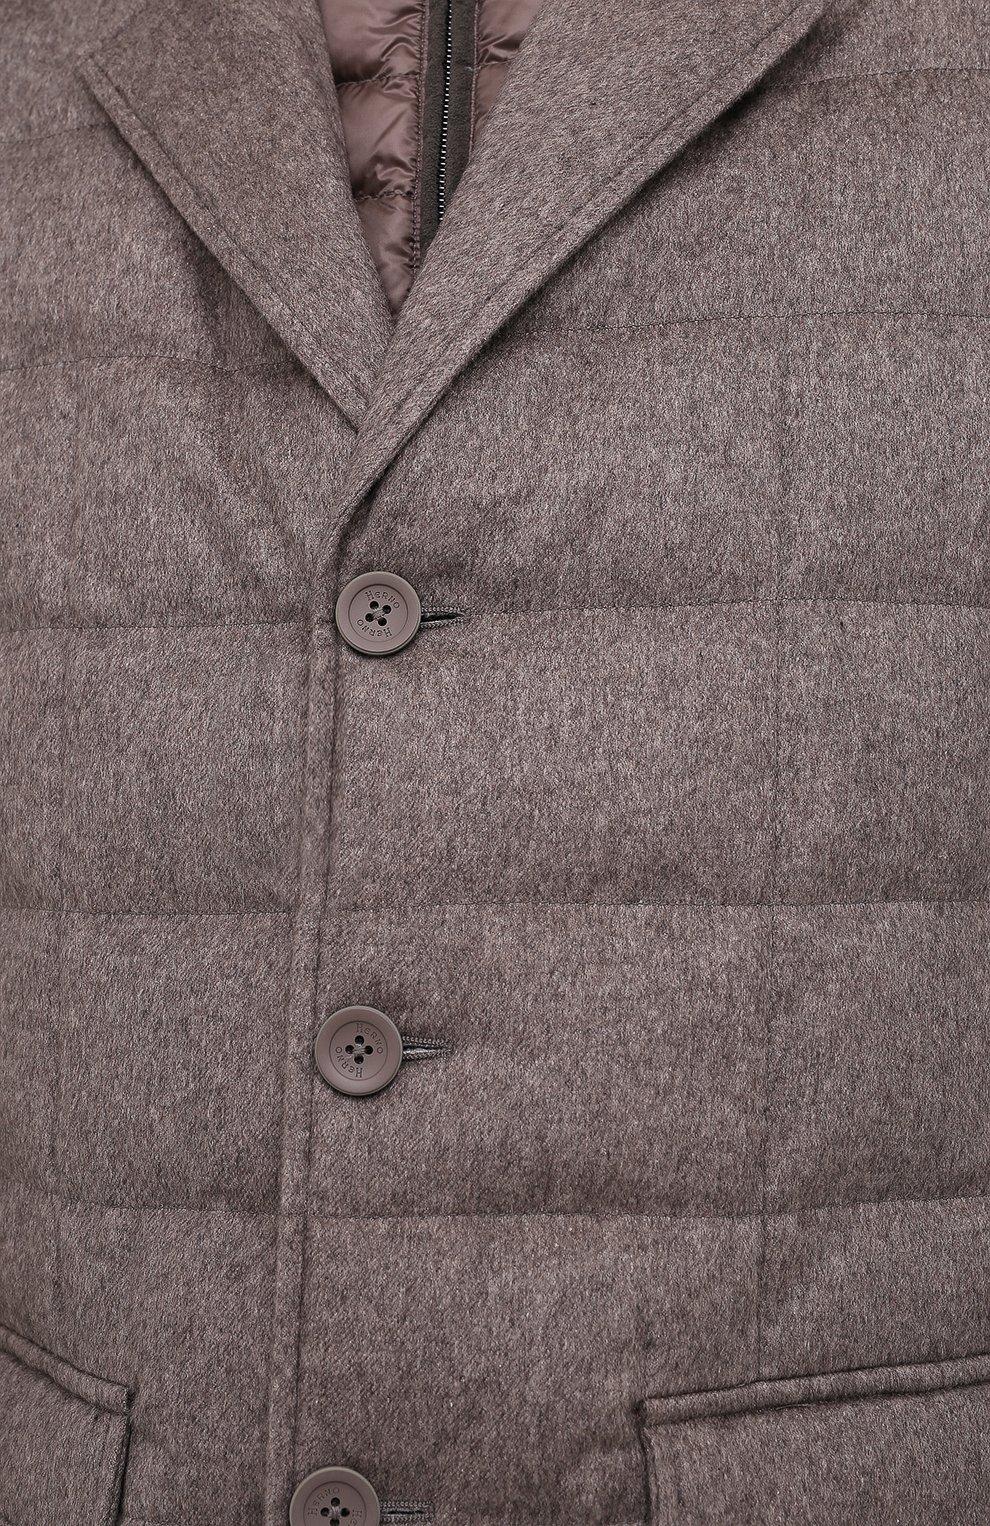 Мужская пуховая куртка HERNO темно-бежевого цвета, арт. PI0583U/38087 | Фото 5